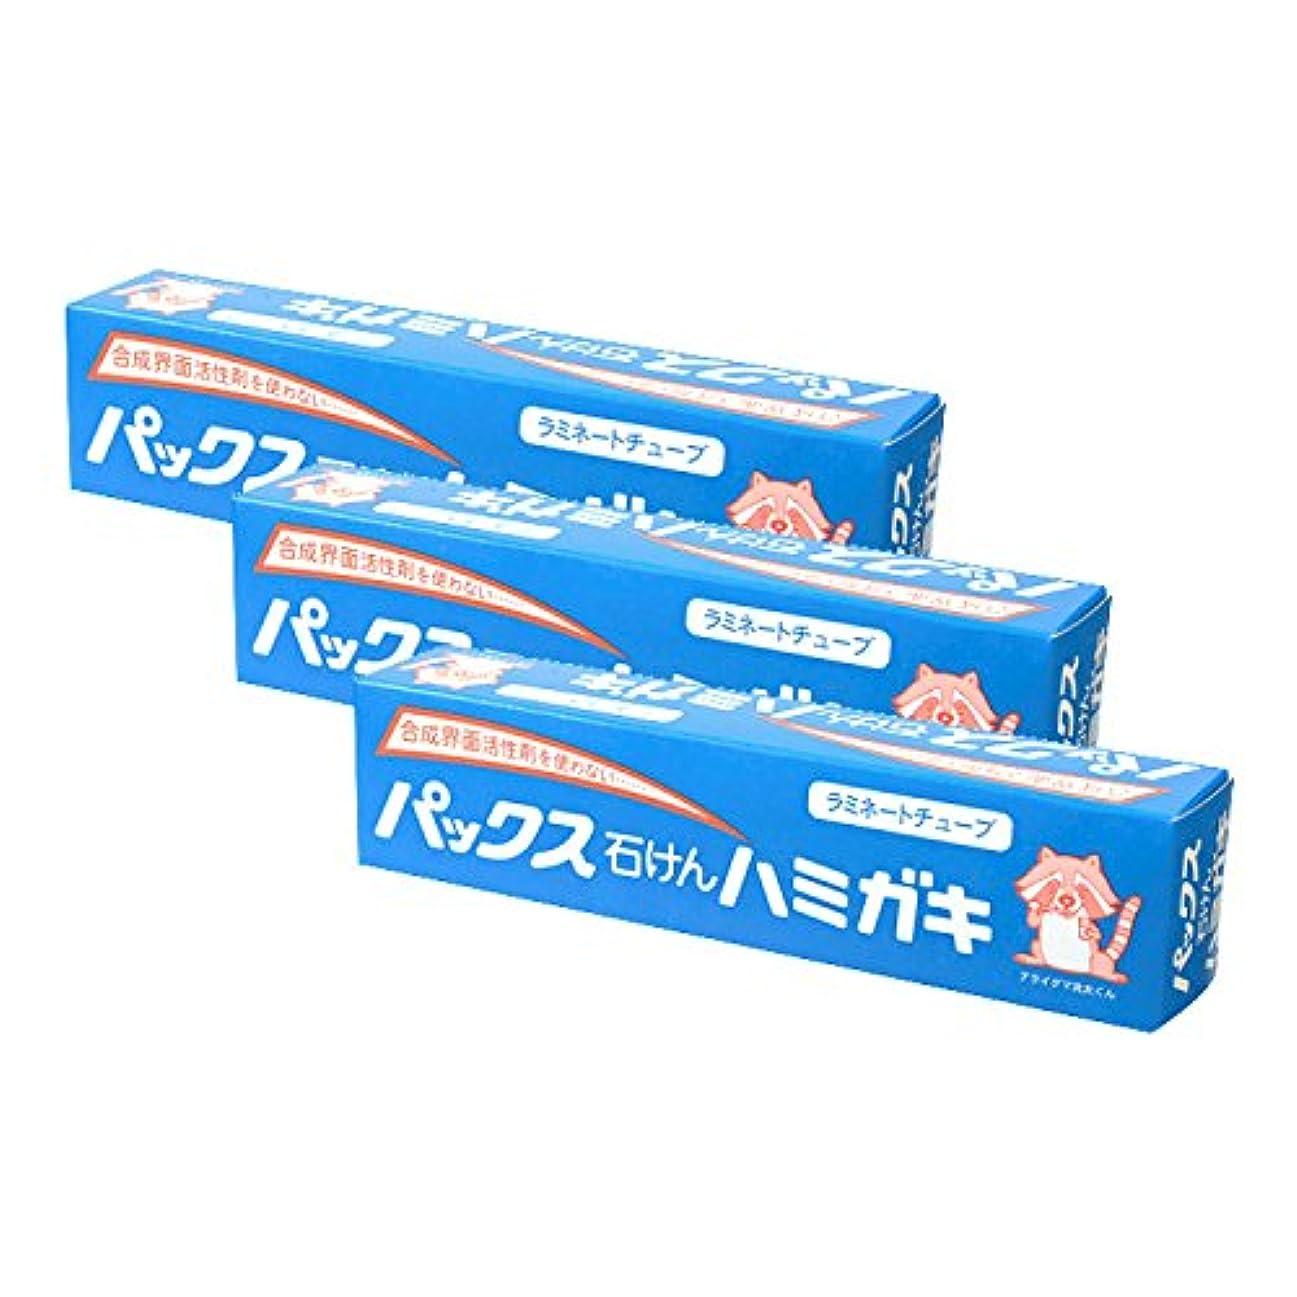 スリンクバンドシャッフル【まとめ買い】パックス石けんハミガキ 140g×3